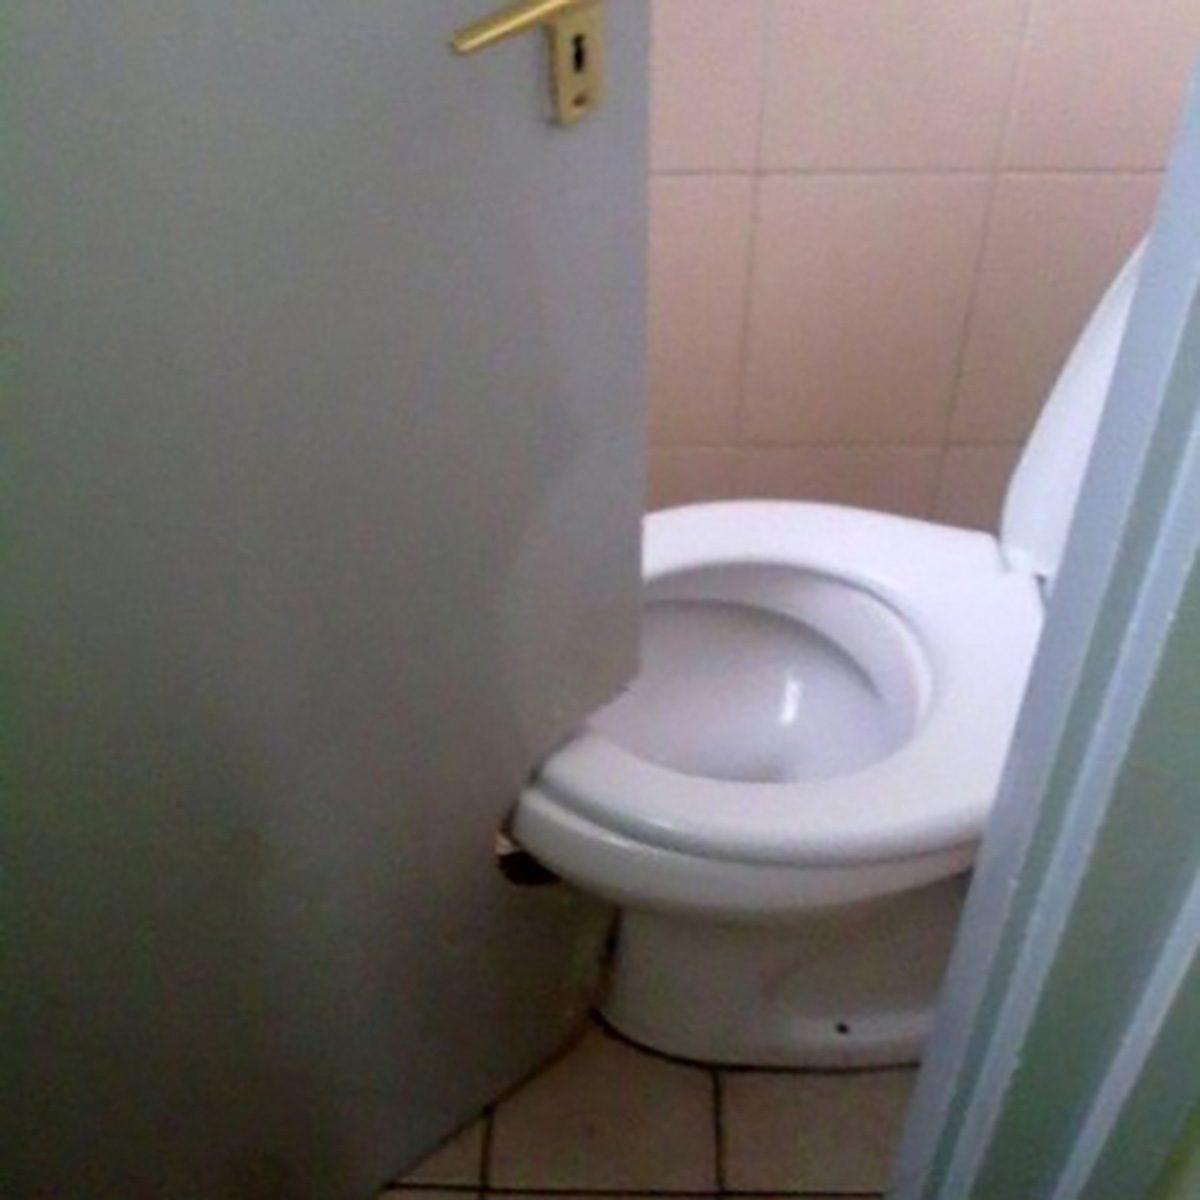 Door cutout for toilet